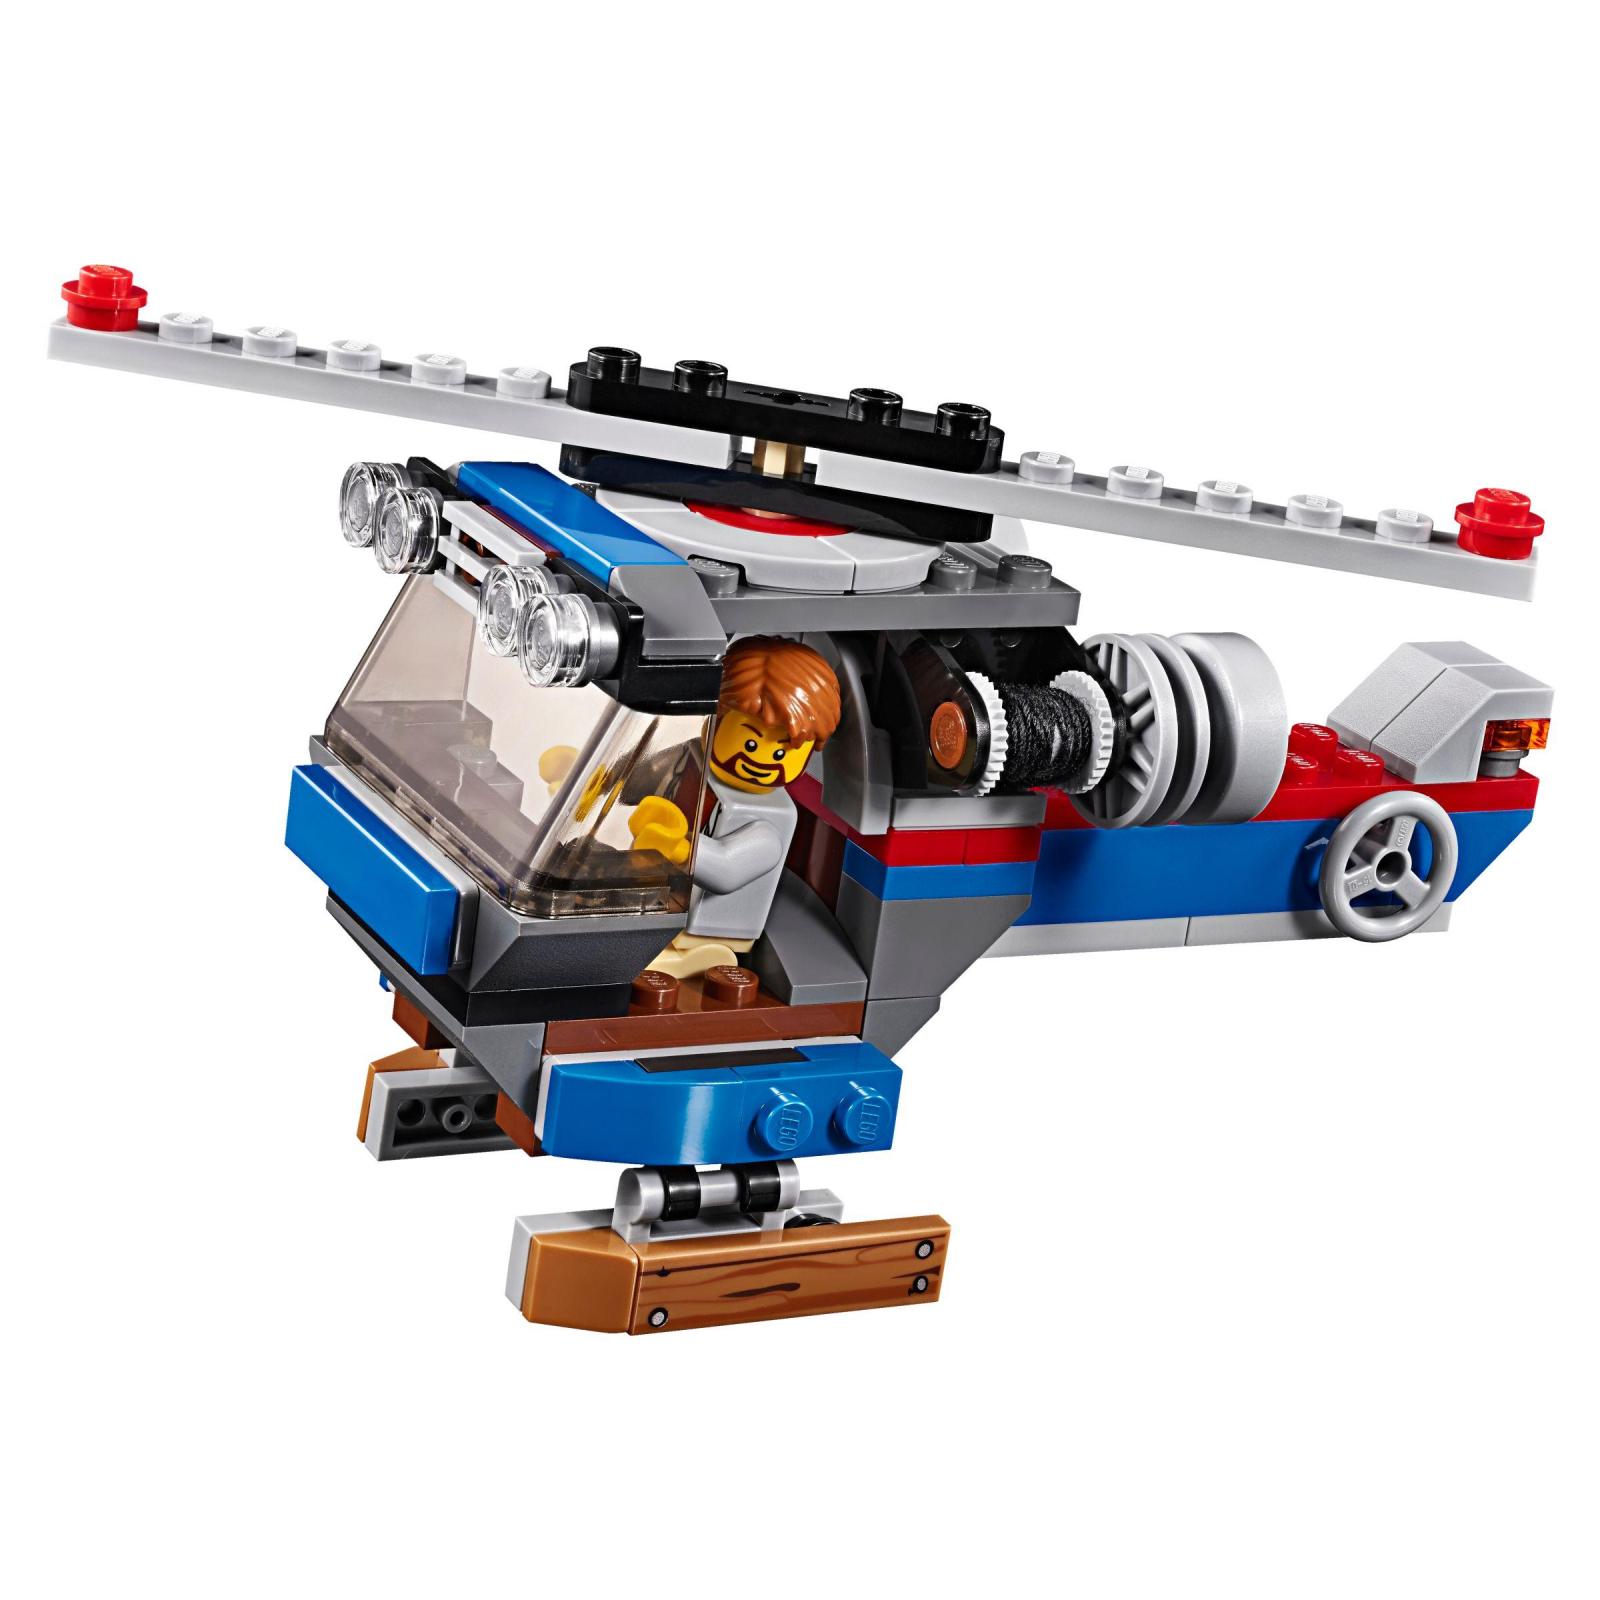 Конструктор LEGO Creator Приключения в глуши (31075) изображение 6